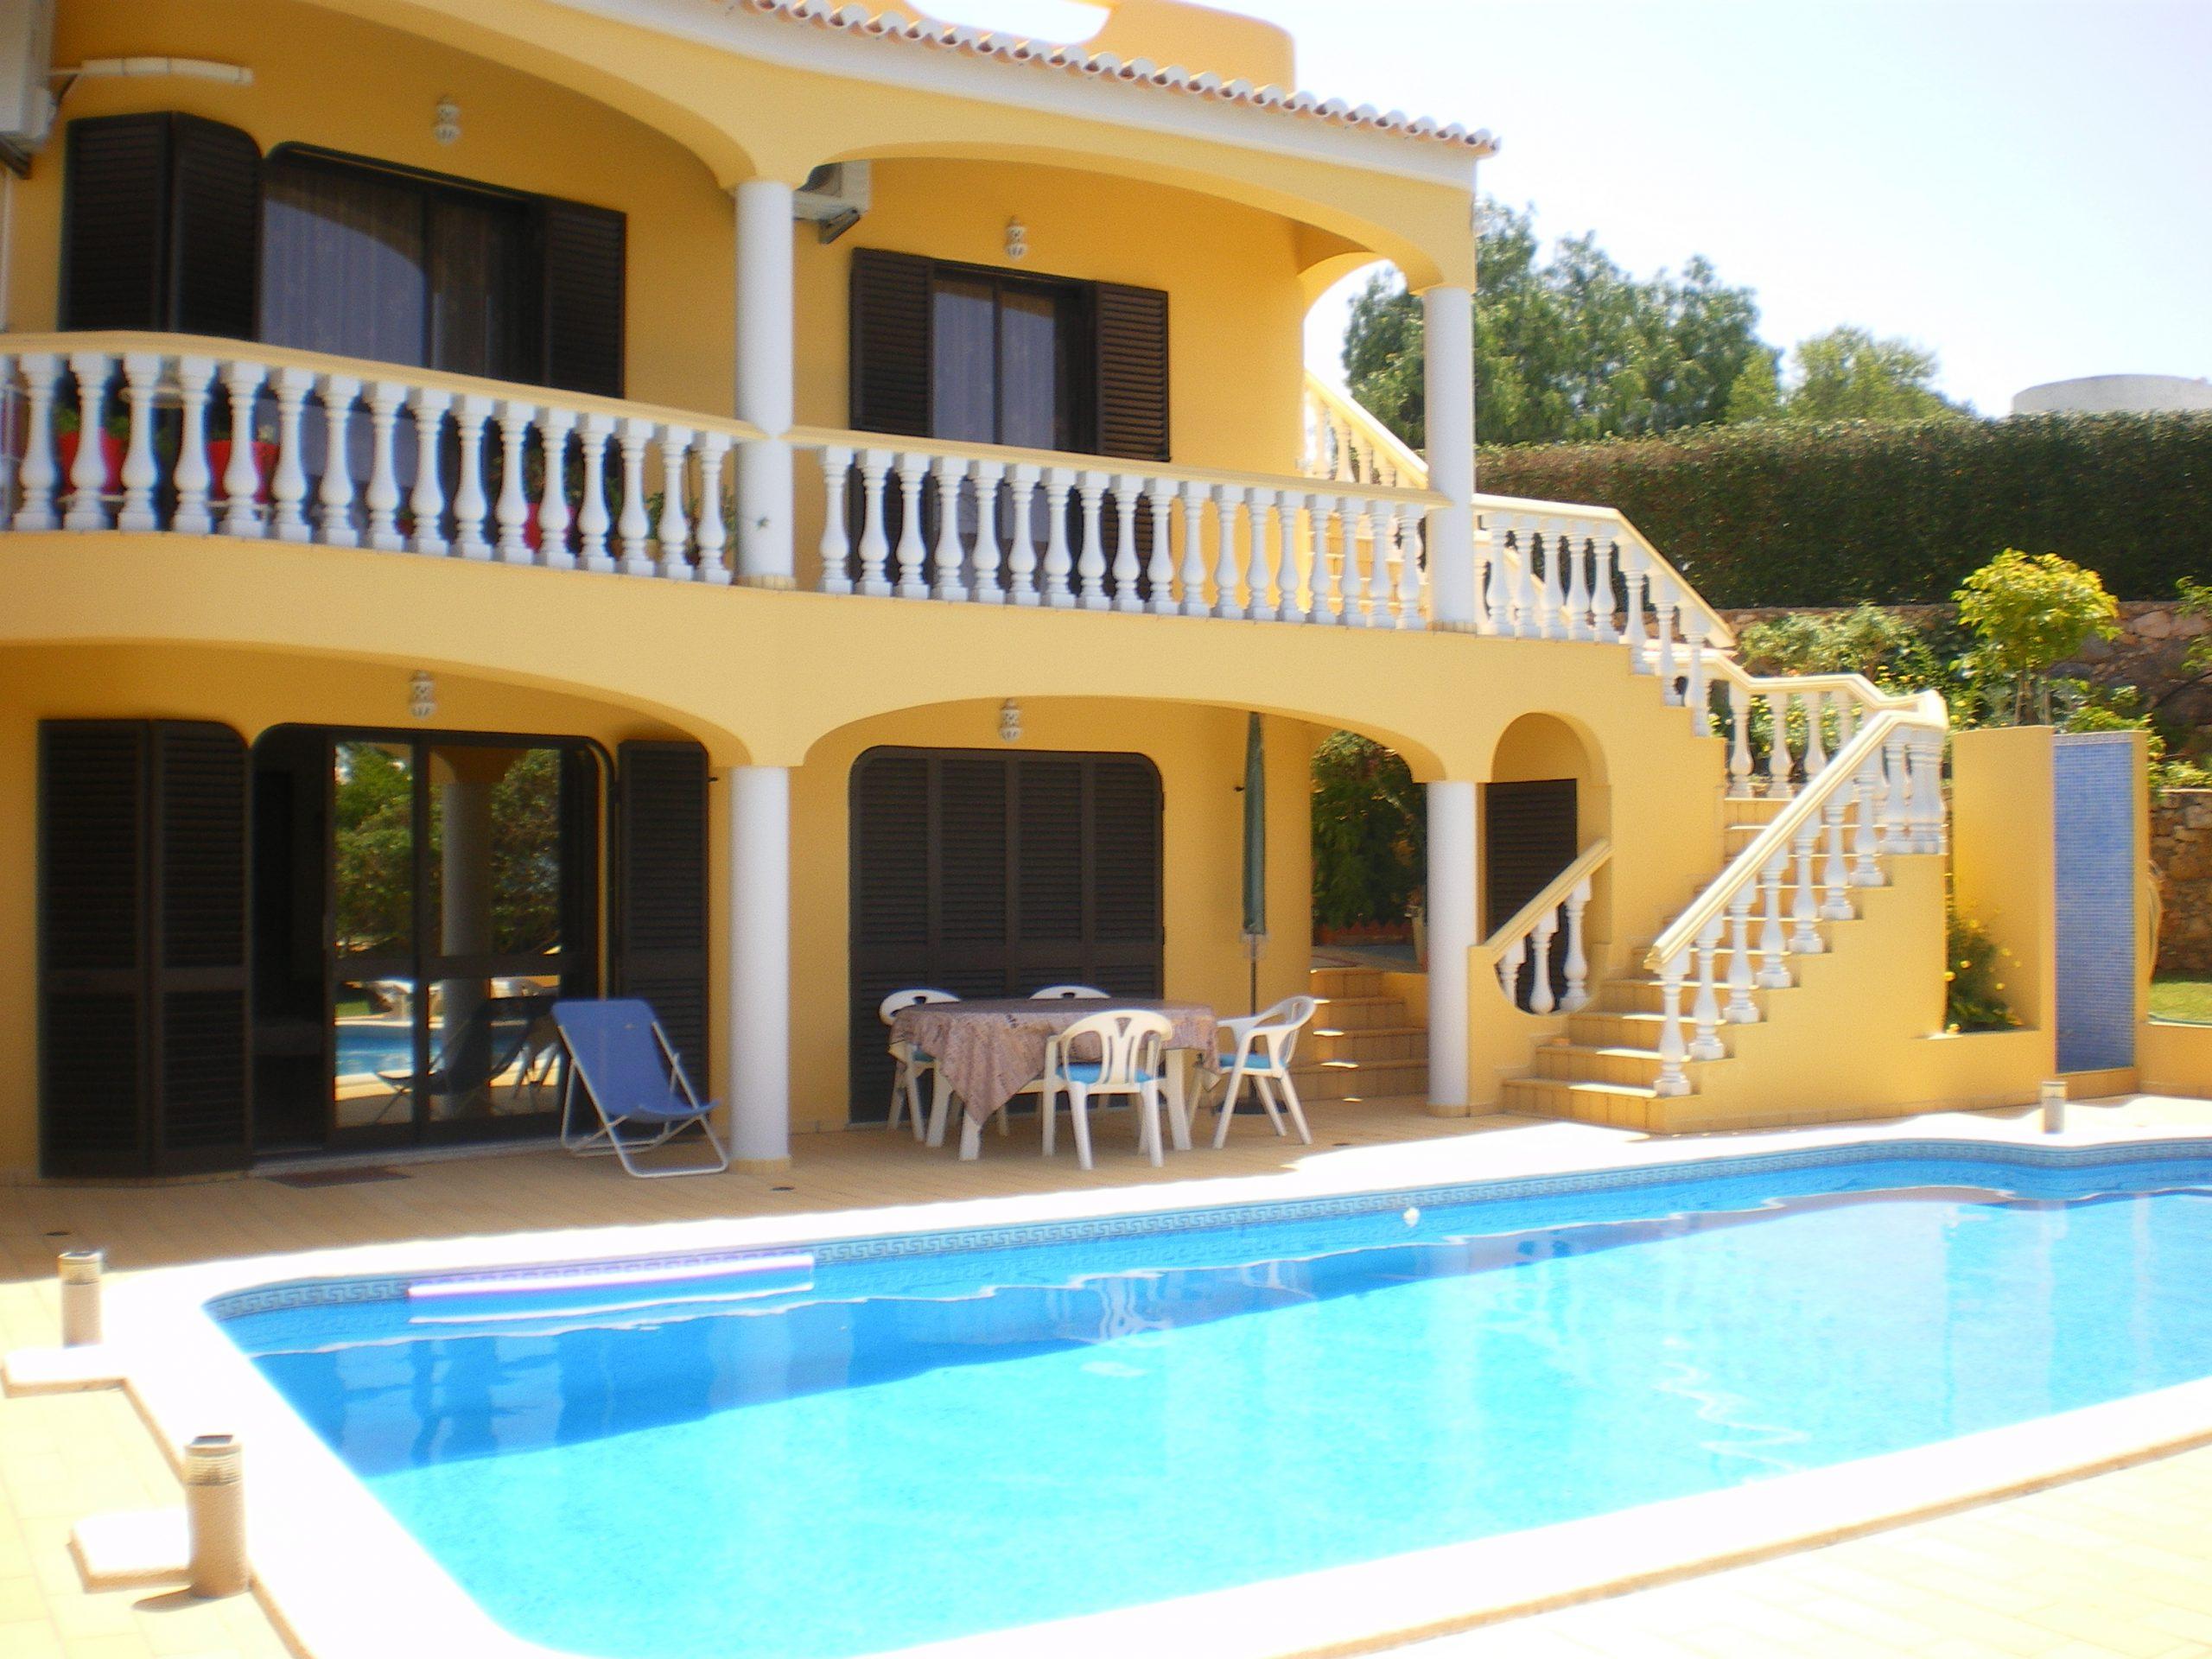 Location Maison 6 Personnes À Lagoa, Algarve Portugal ... avec Location Maison Avec Piscine Portugal